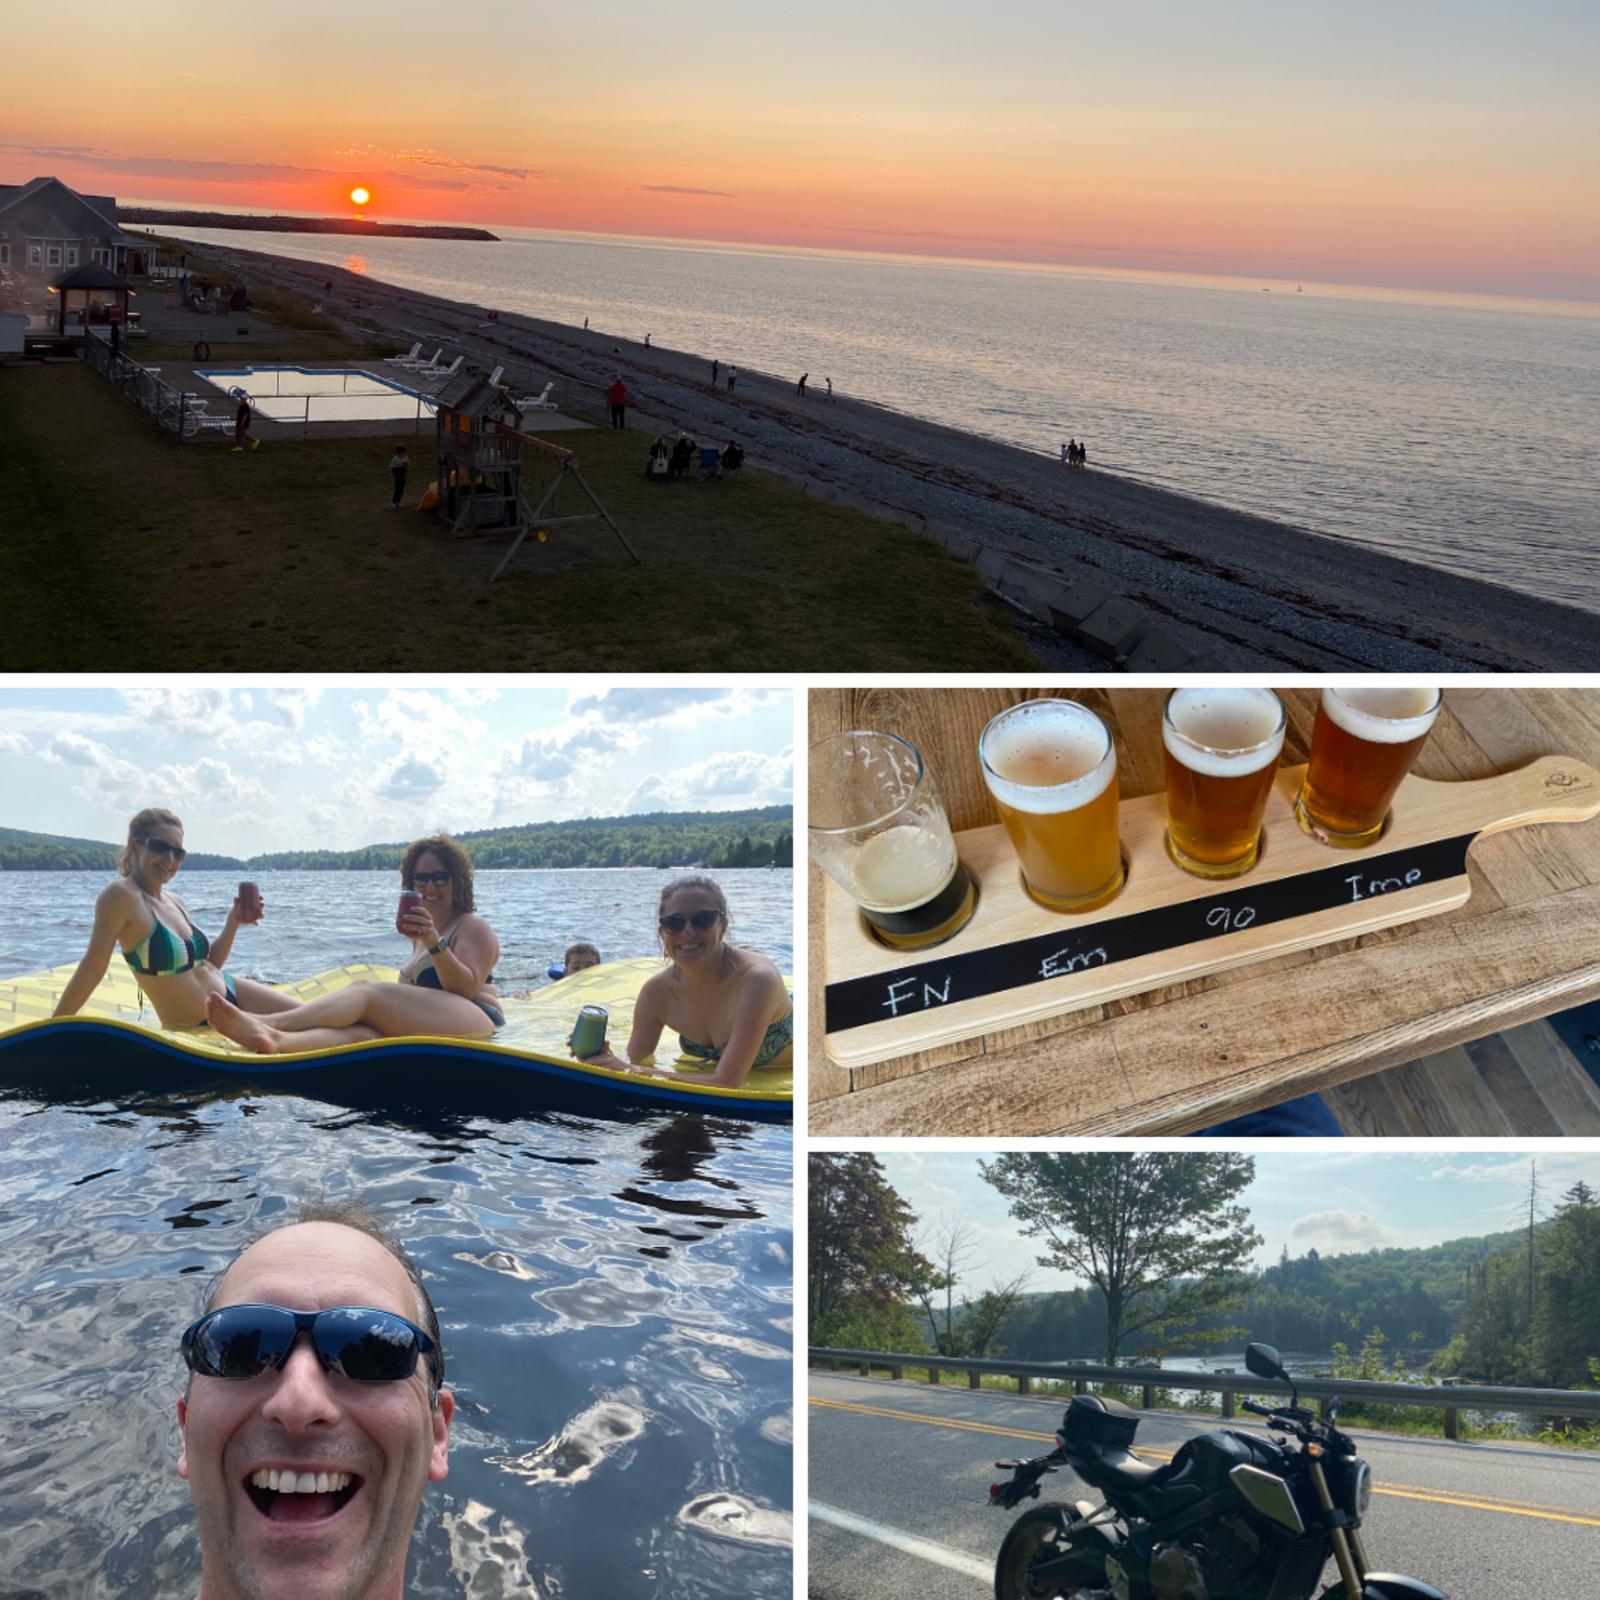 C'est un agréable congé qui se termine, parsemé de moto, de bonnes bières et de bons moments au chalet avec des amis. 😎 #RNP